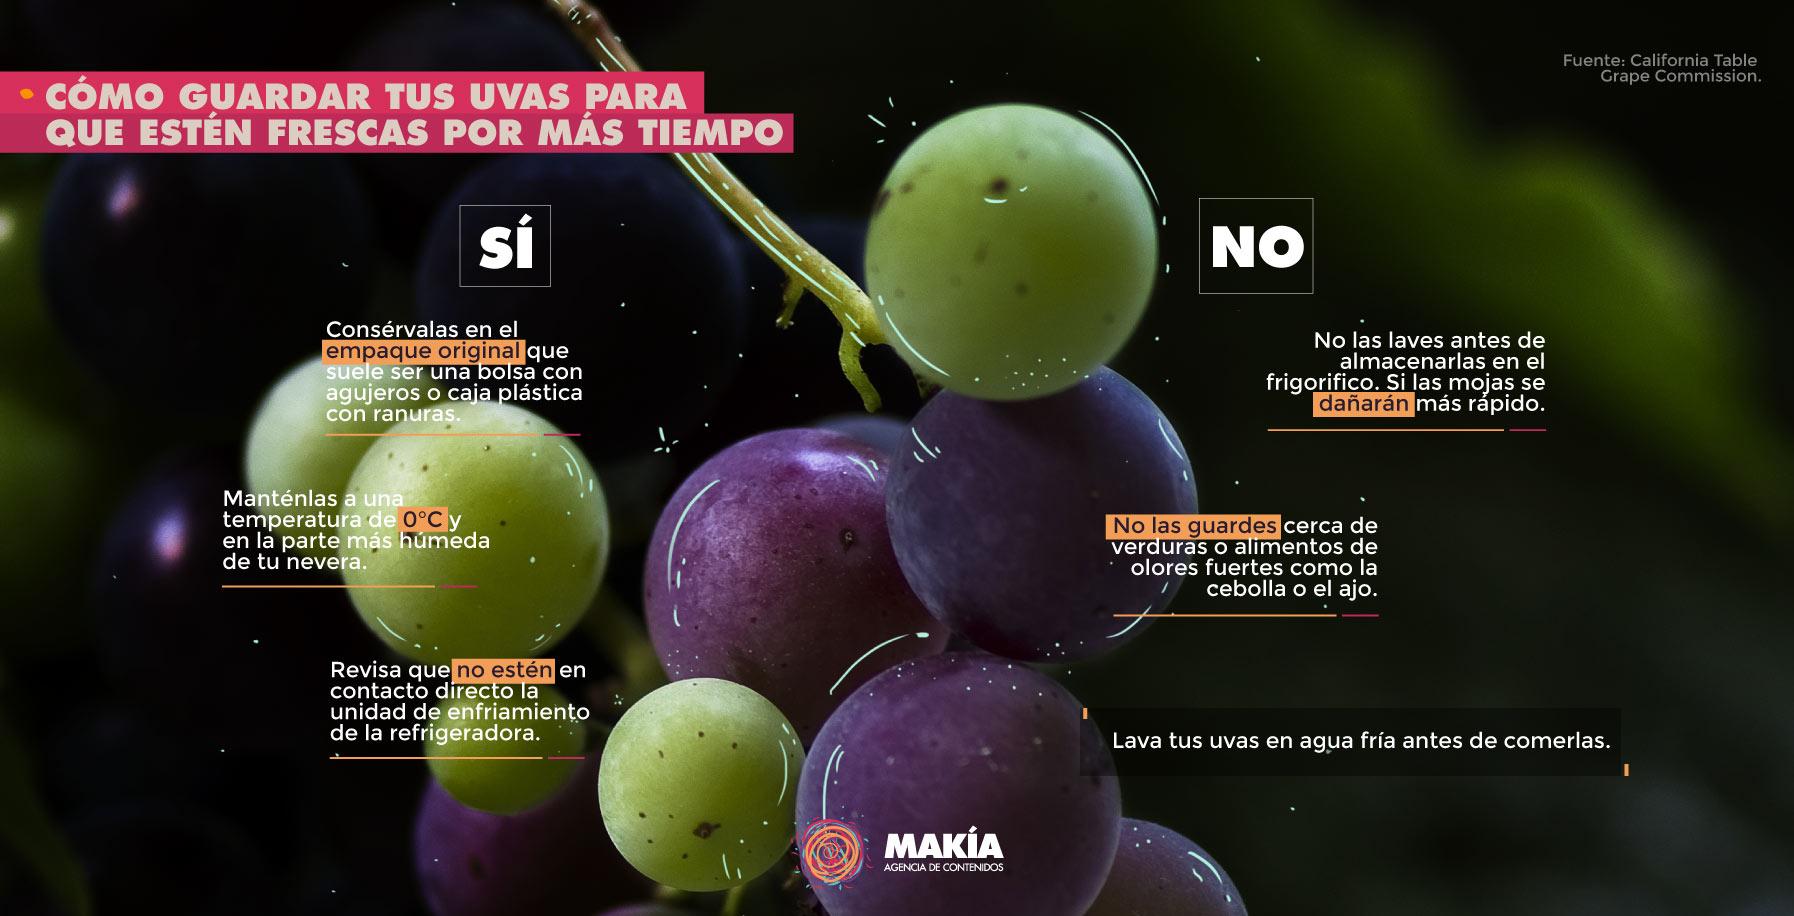 cómo guardar las uvas